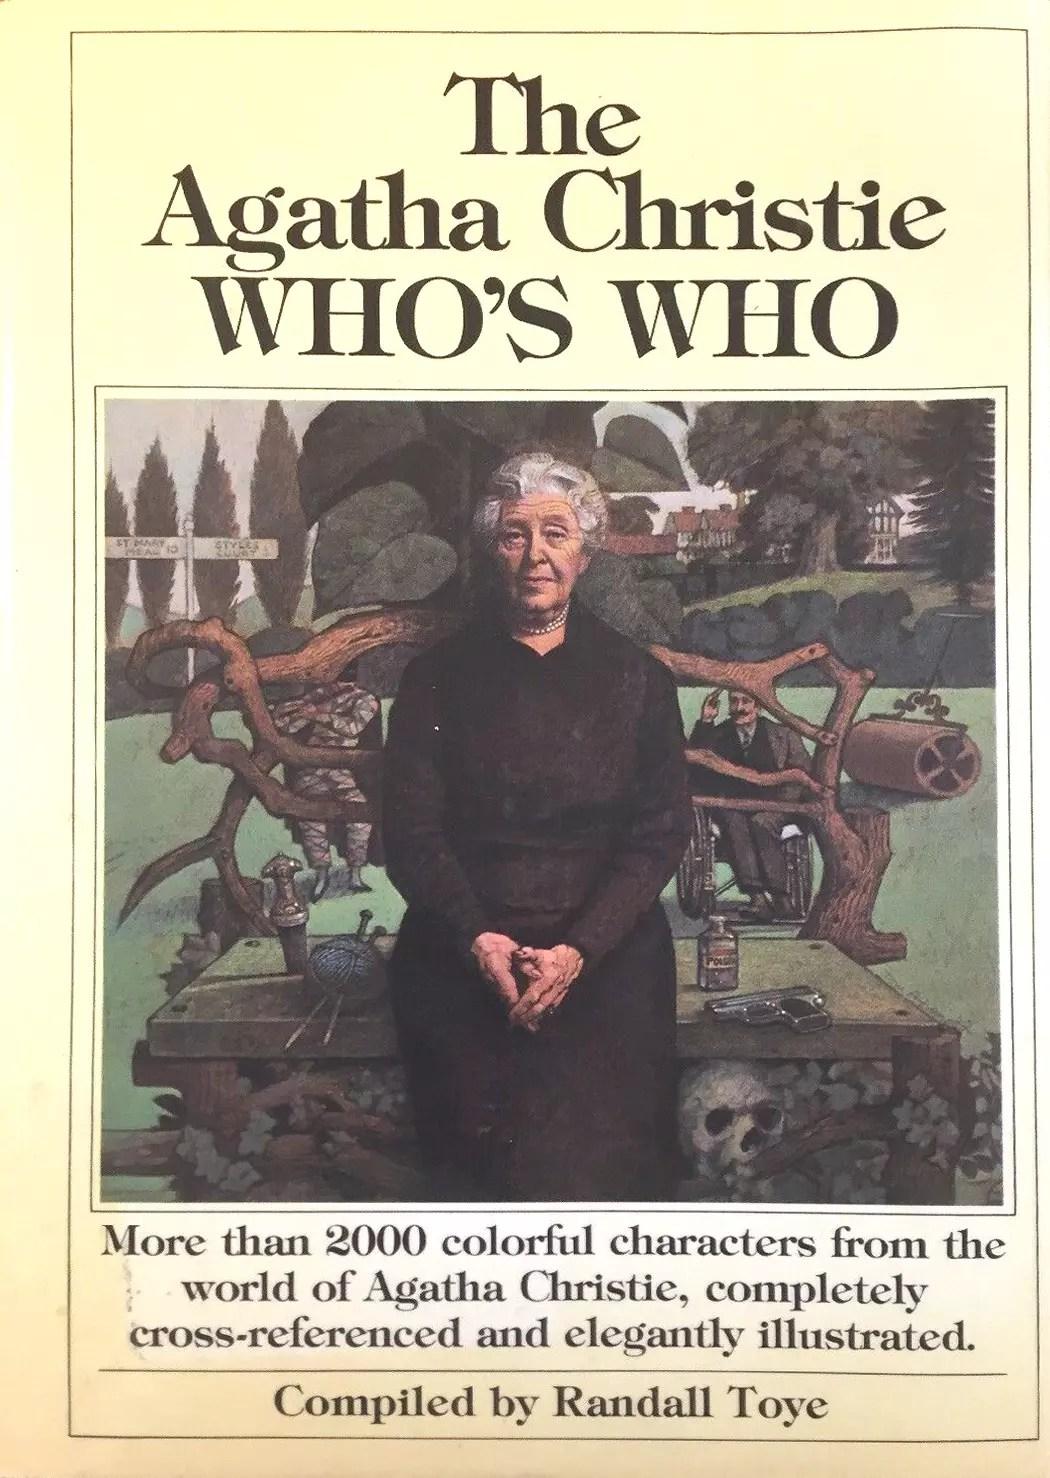 Agatha Christie Whos Who Randall Toye Tom Adams